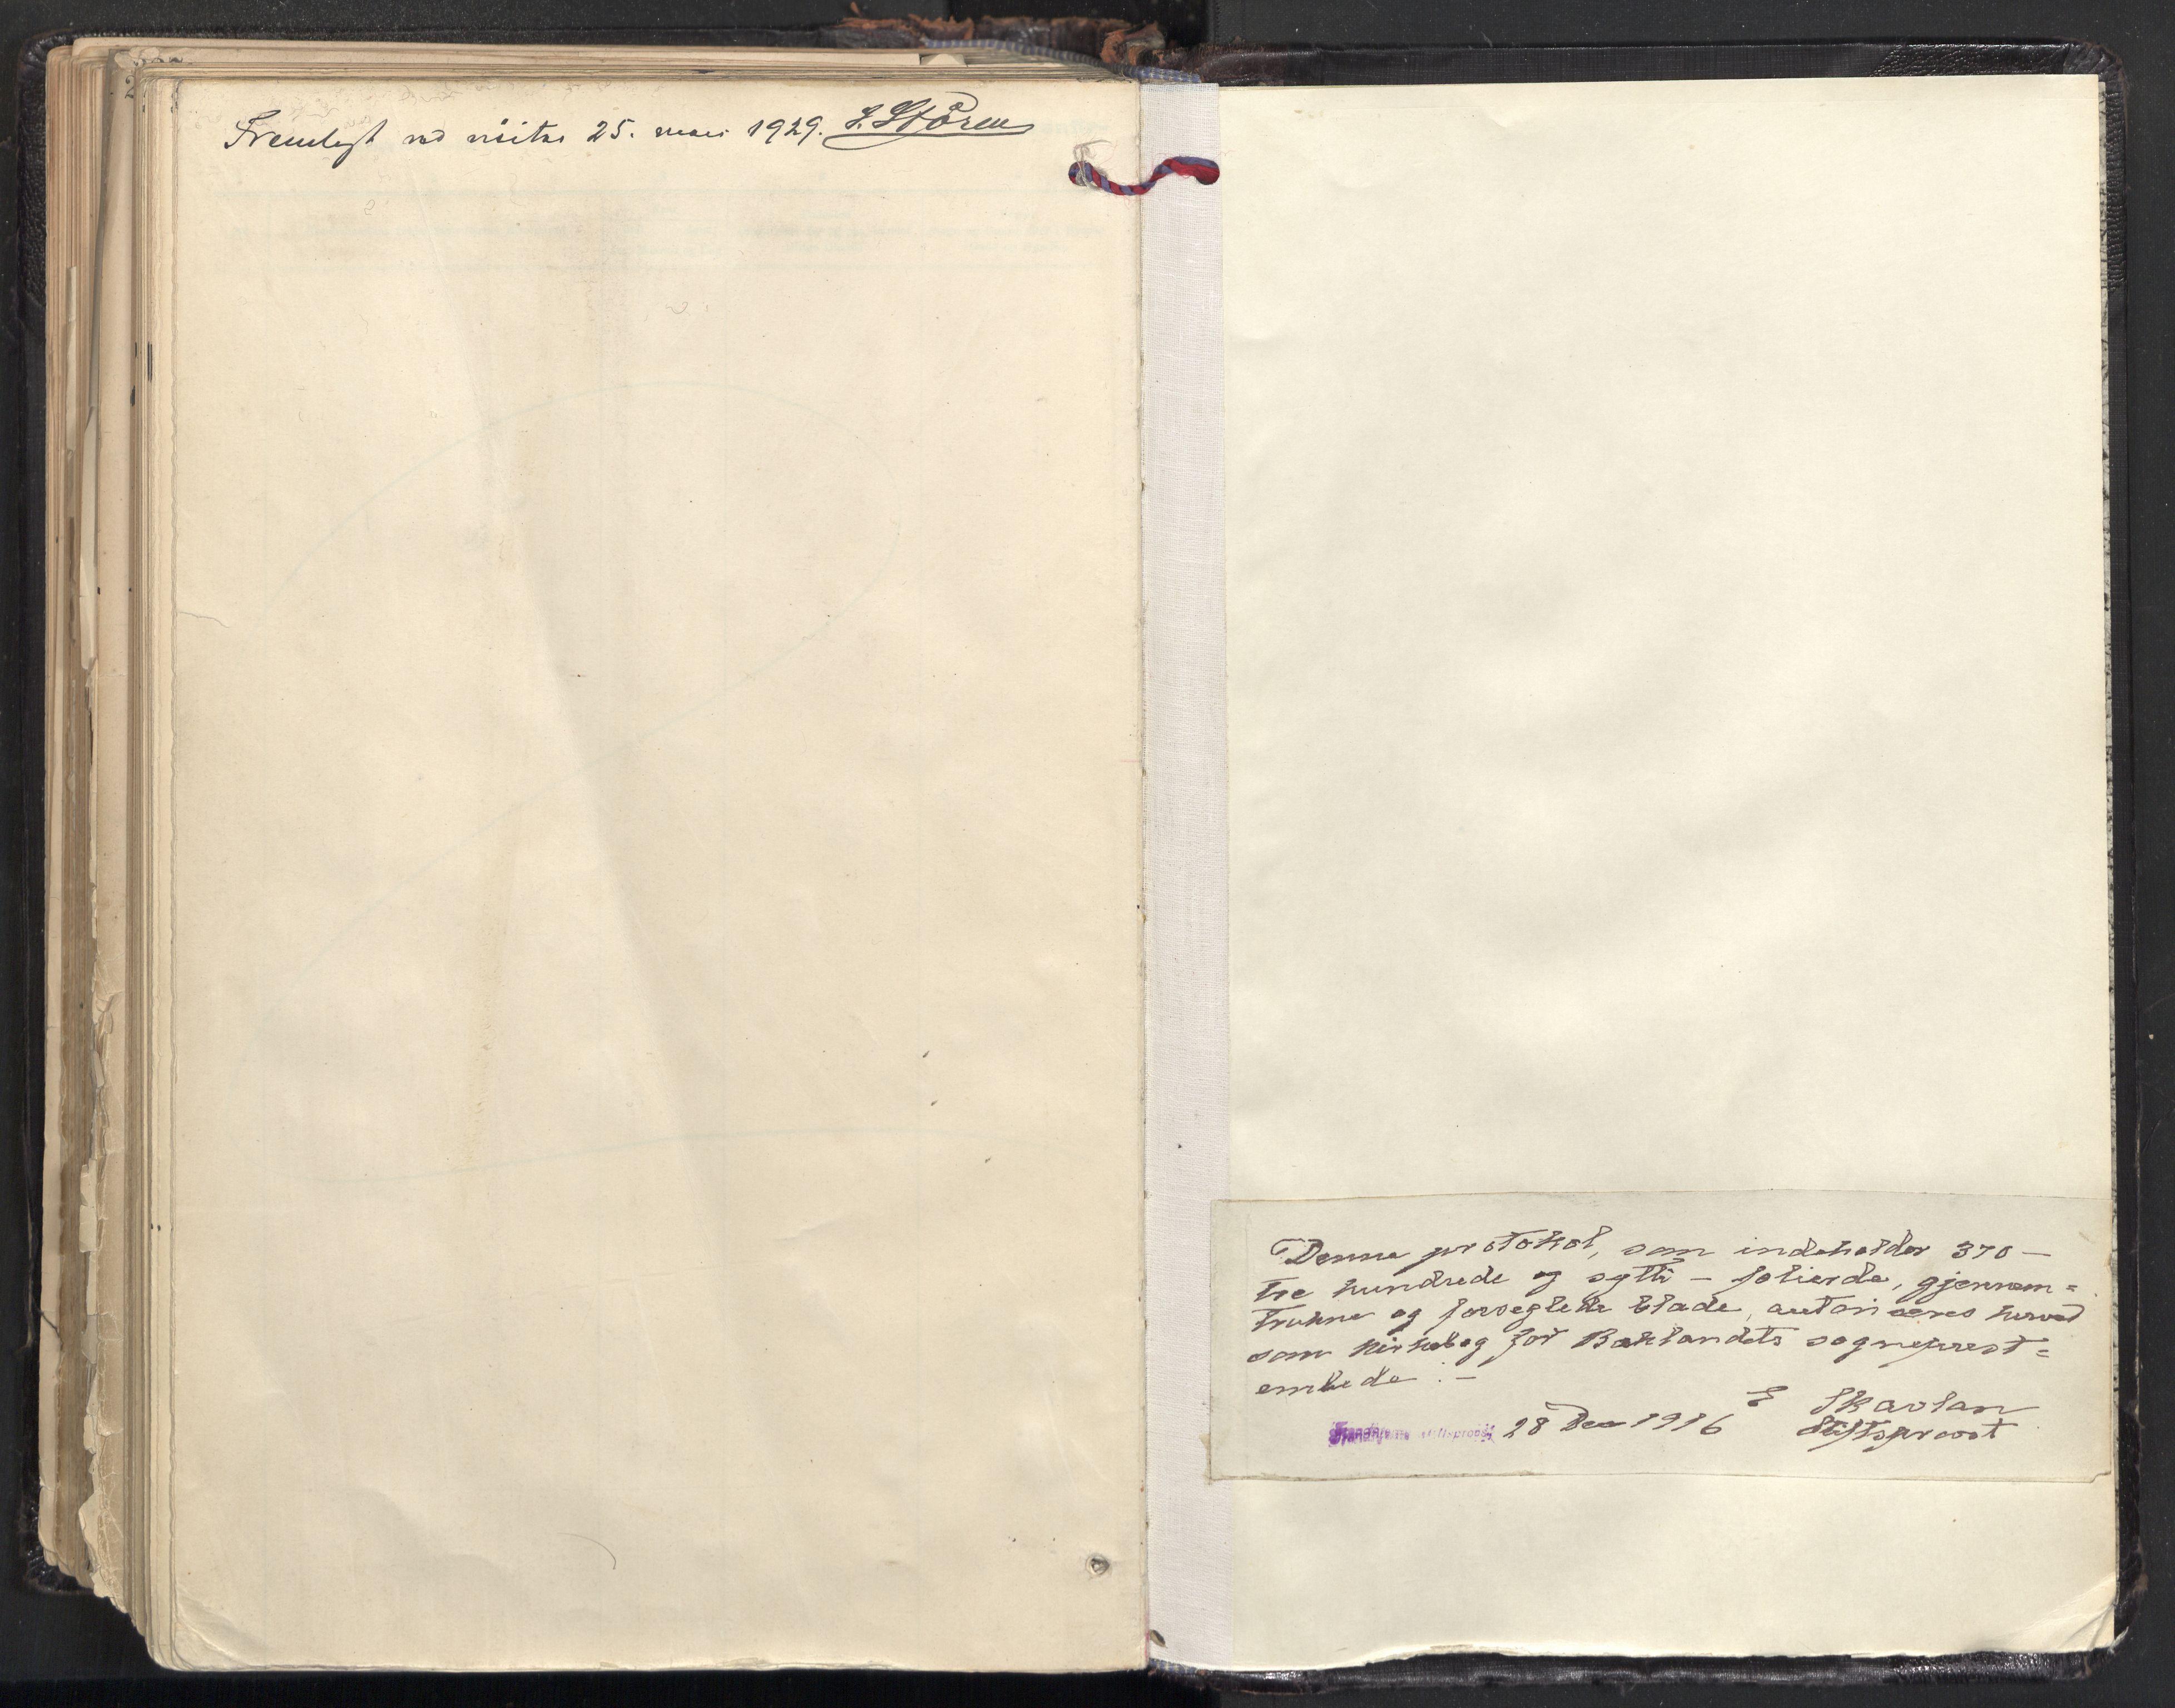 SAT, Ministerialprotokoller, klokkerbøker og fødselsregistre - Sør-Trøndelag, 604/L0205: Ministerialbok nr. 604A25, 1917-1932